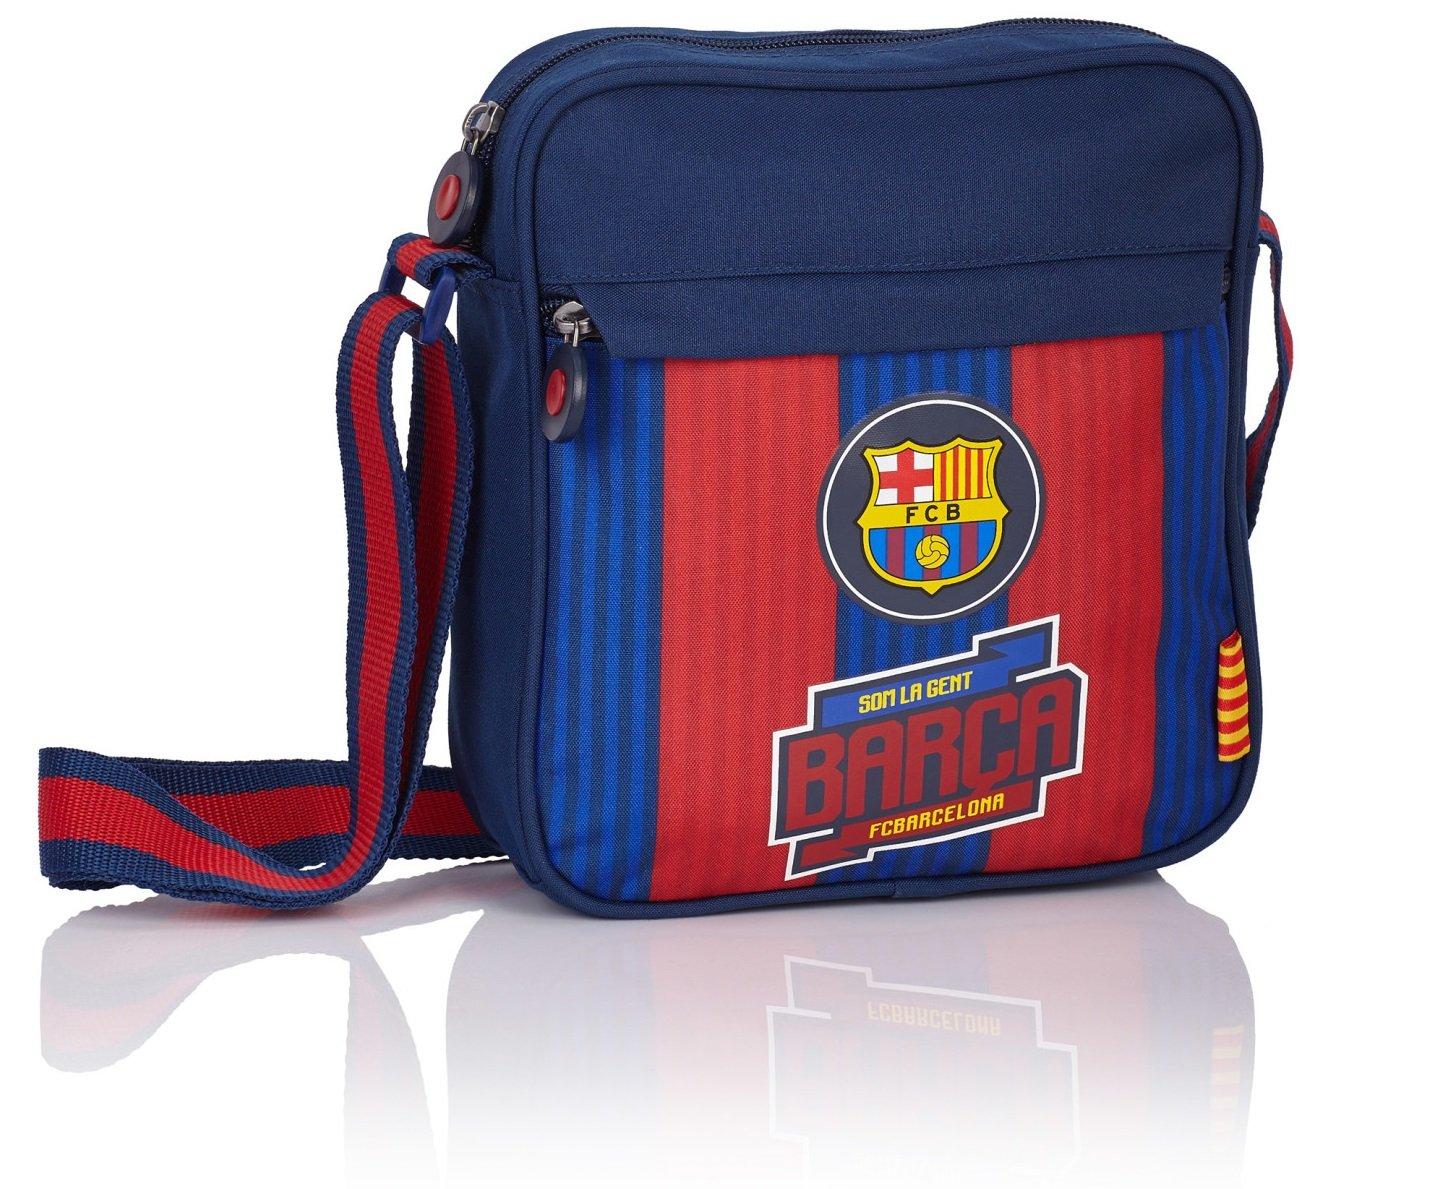 FC Barcelona sac à bandoulière sacoche nouveauté Champions FC Barcelone (FC-135) Barca